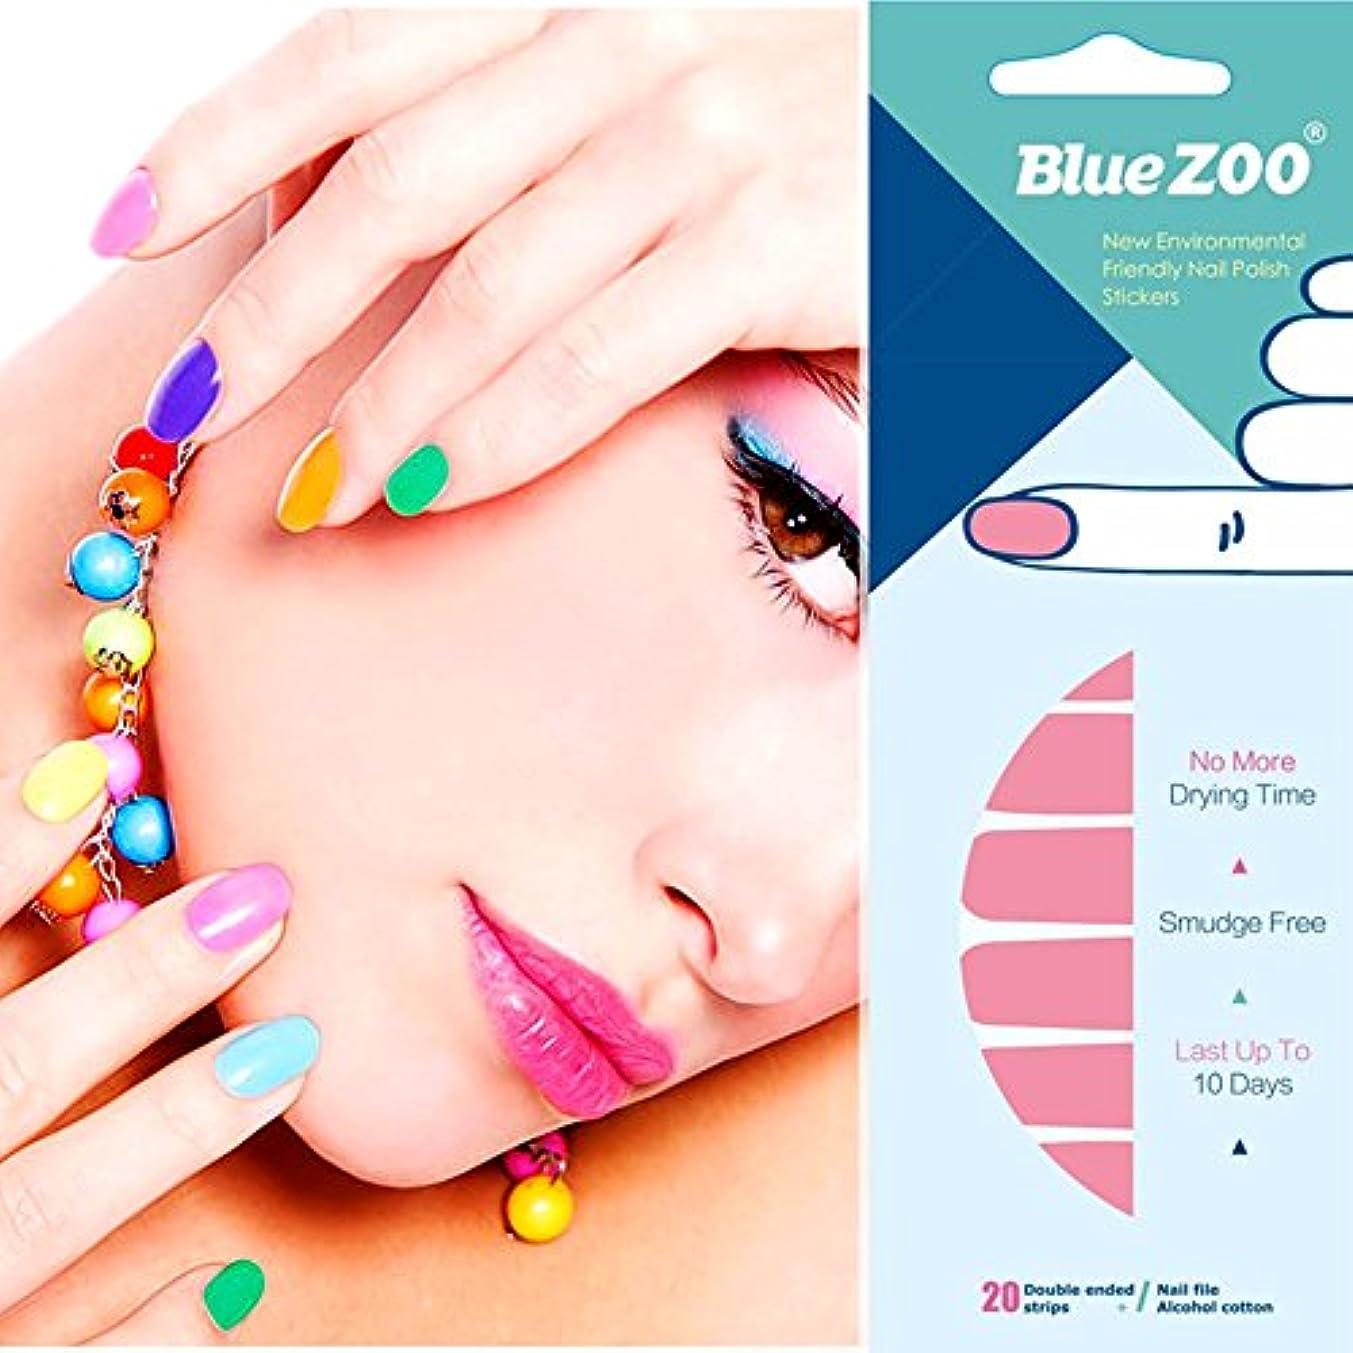 洗剤シールド同情BlueZOO (ブルーズー) ネイル シール ステッカー 高品質の 純色の ネイル ペースト 20個/枚 貼るだけマニキュア